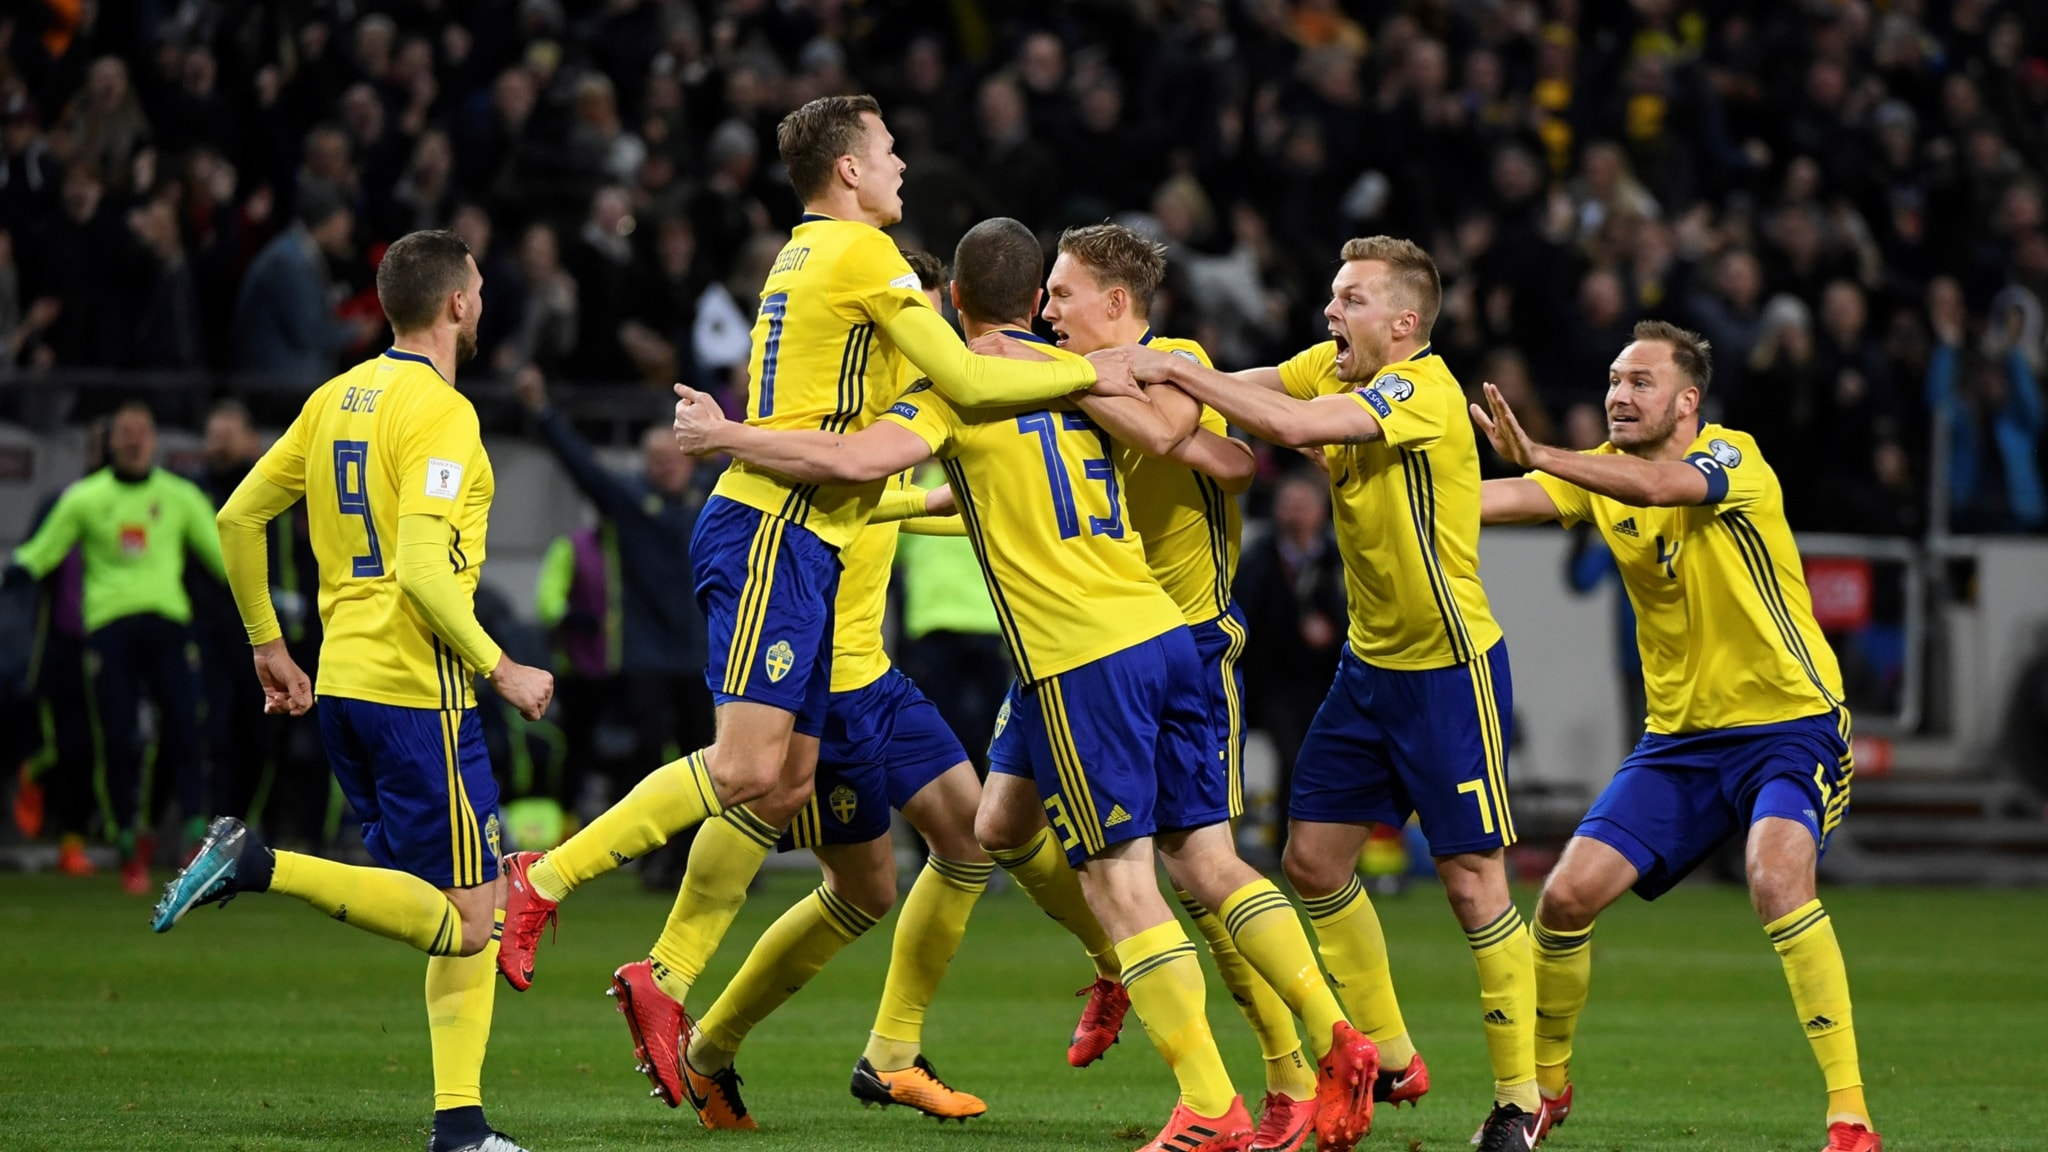 Sveriges Jakob Johansson grattas efter 1-0 målet under fredagens VM-kvalmatch i fotboll mellan Sverige och Italien på Friends Arena.